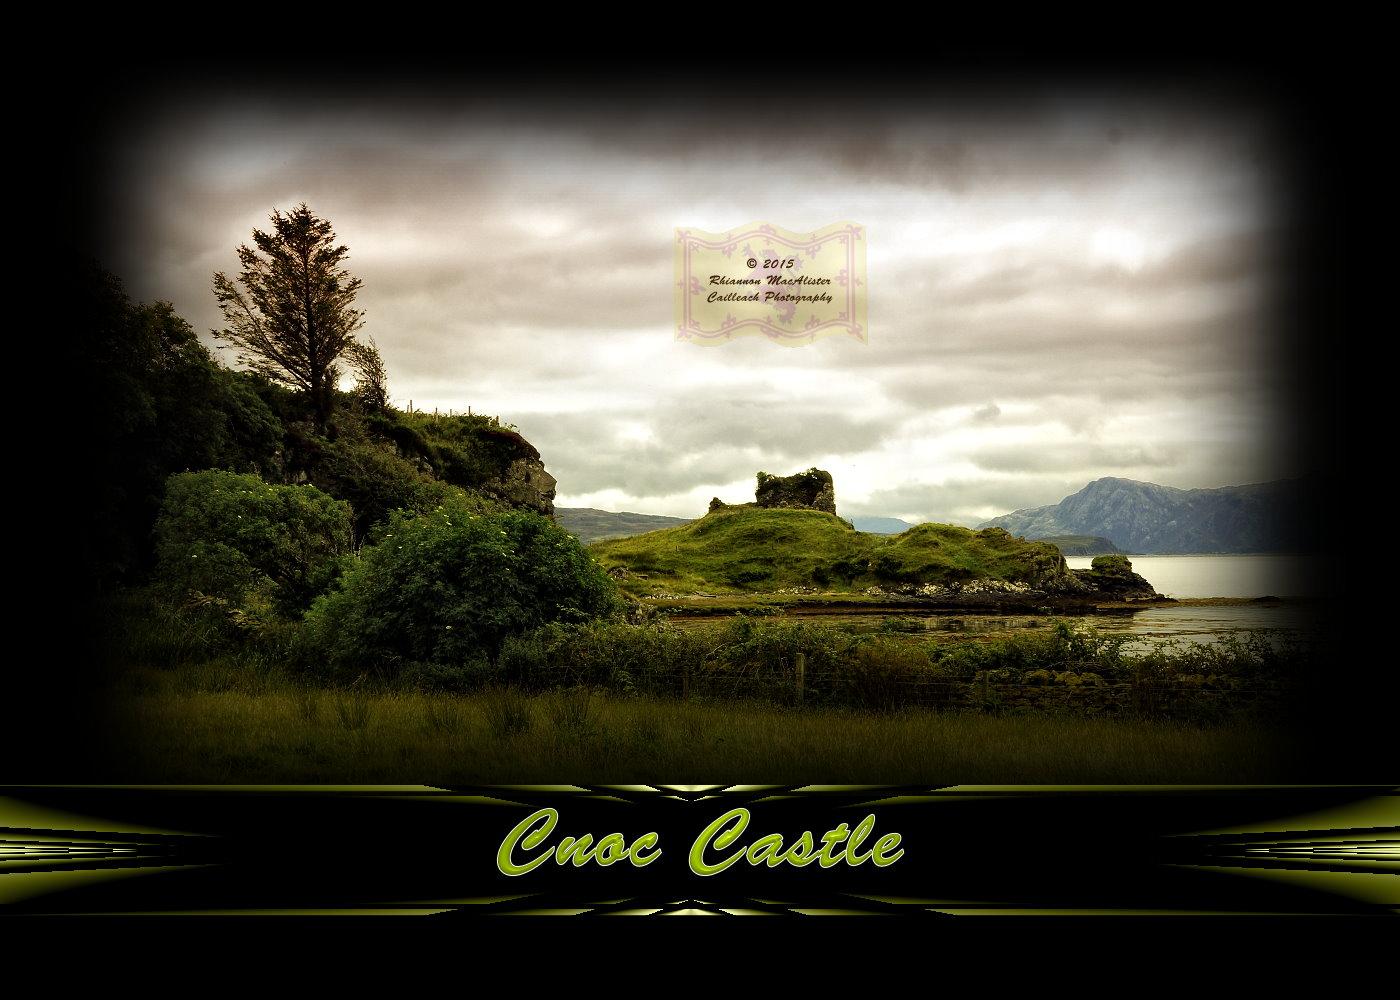 Cnoc Castle